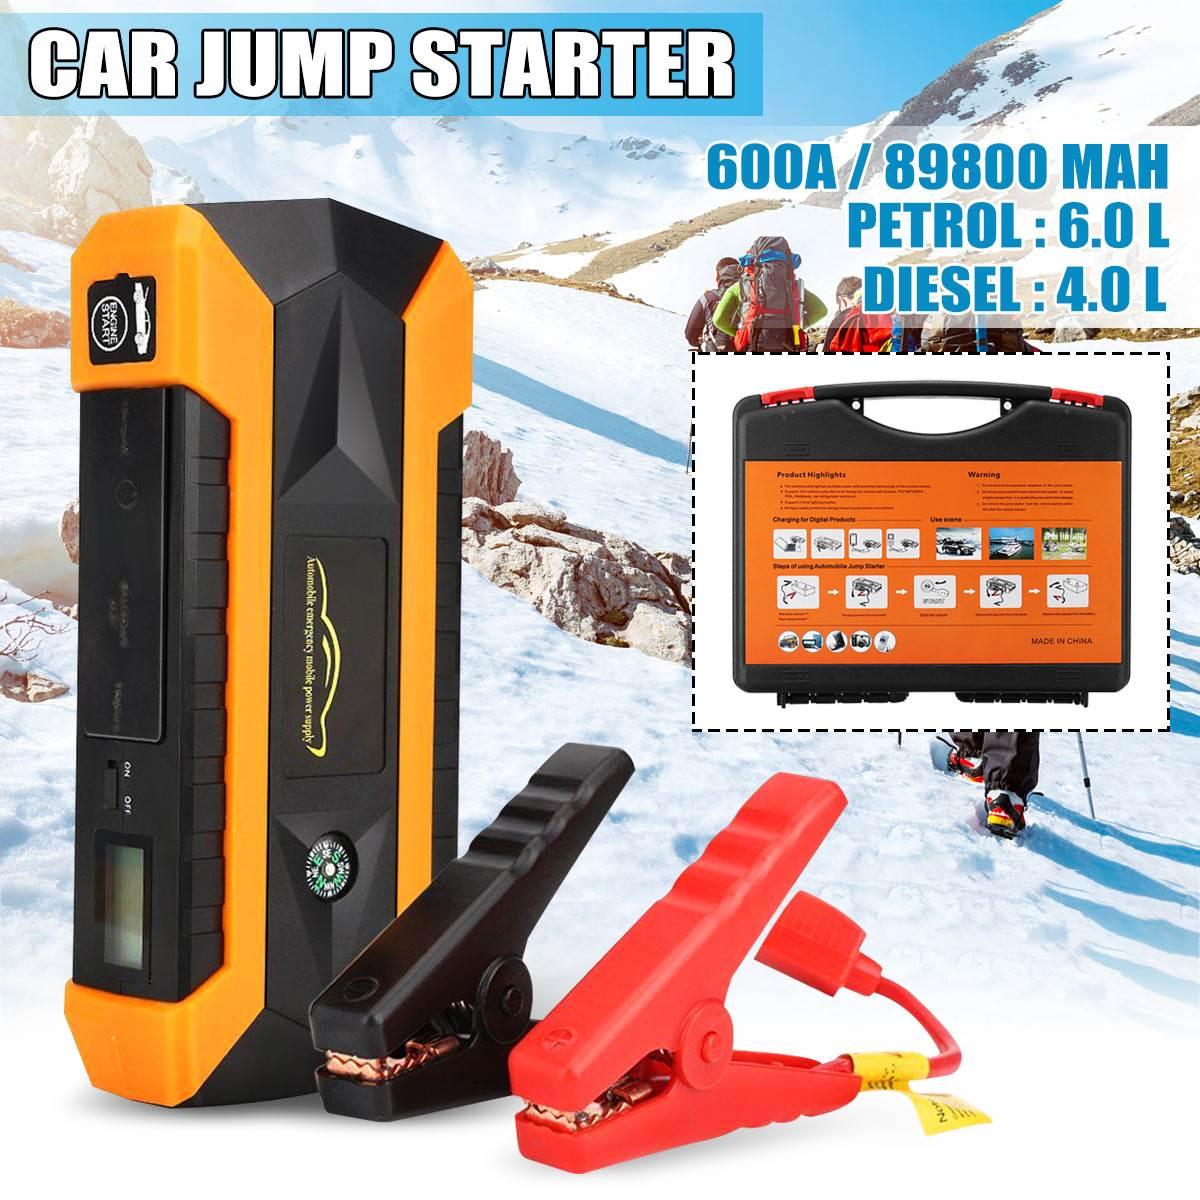 Démarreur de saut de voiture de 4 USB LED 89800mAh 600A 12V/16/19V démarreur de secours de véhicule portatif dispositif de démarrage de propulseur de voiture de batterie externe